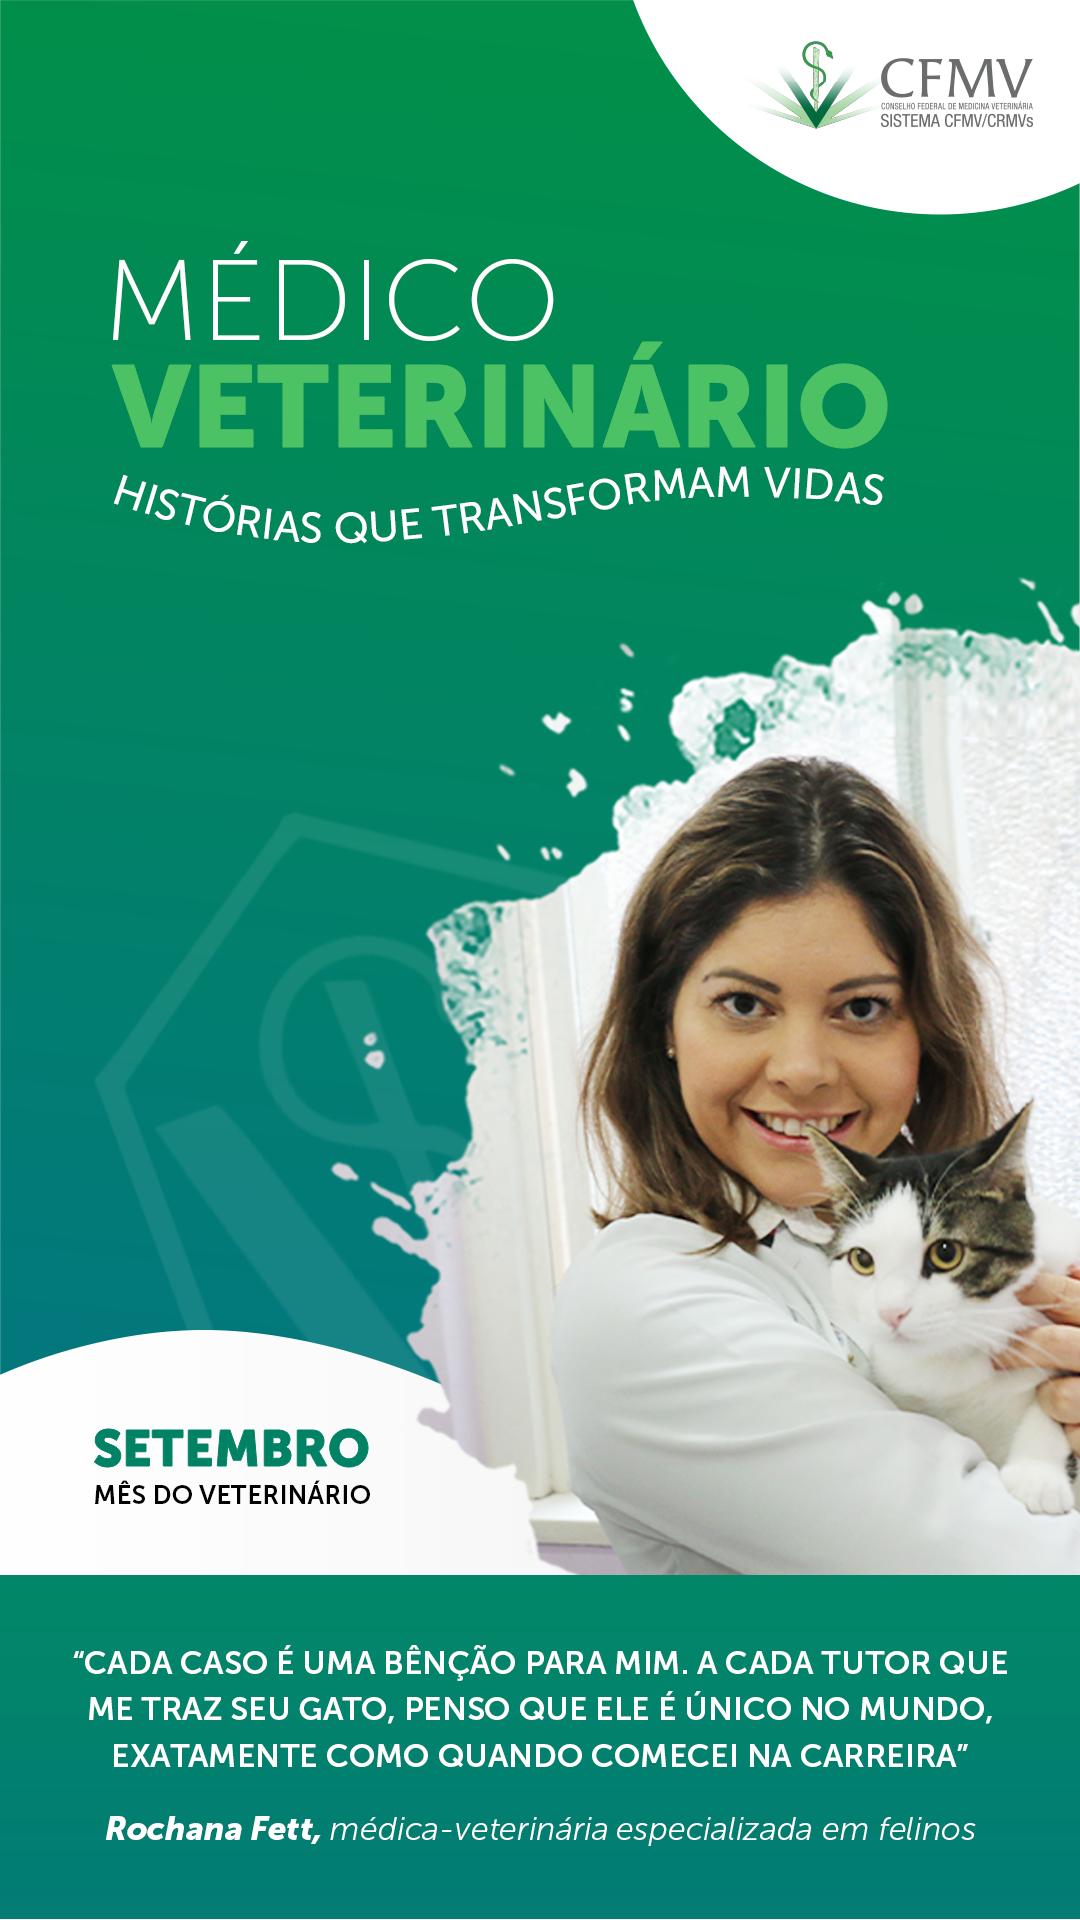 Case 02 - Rochana Fett